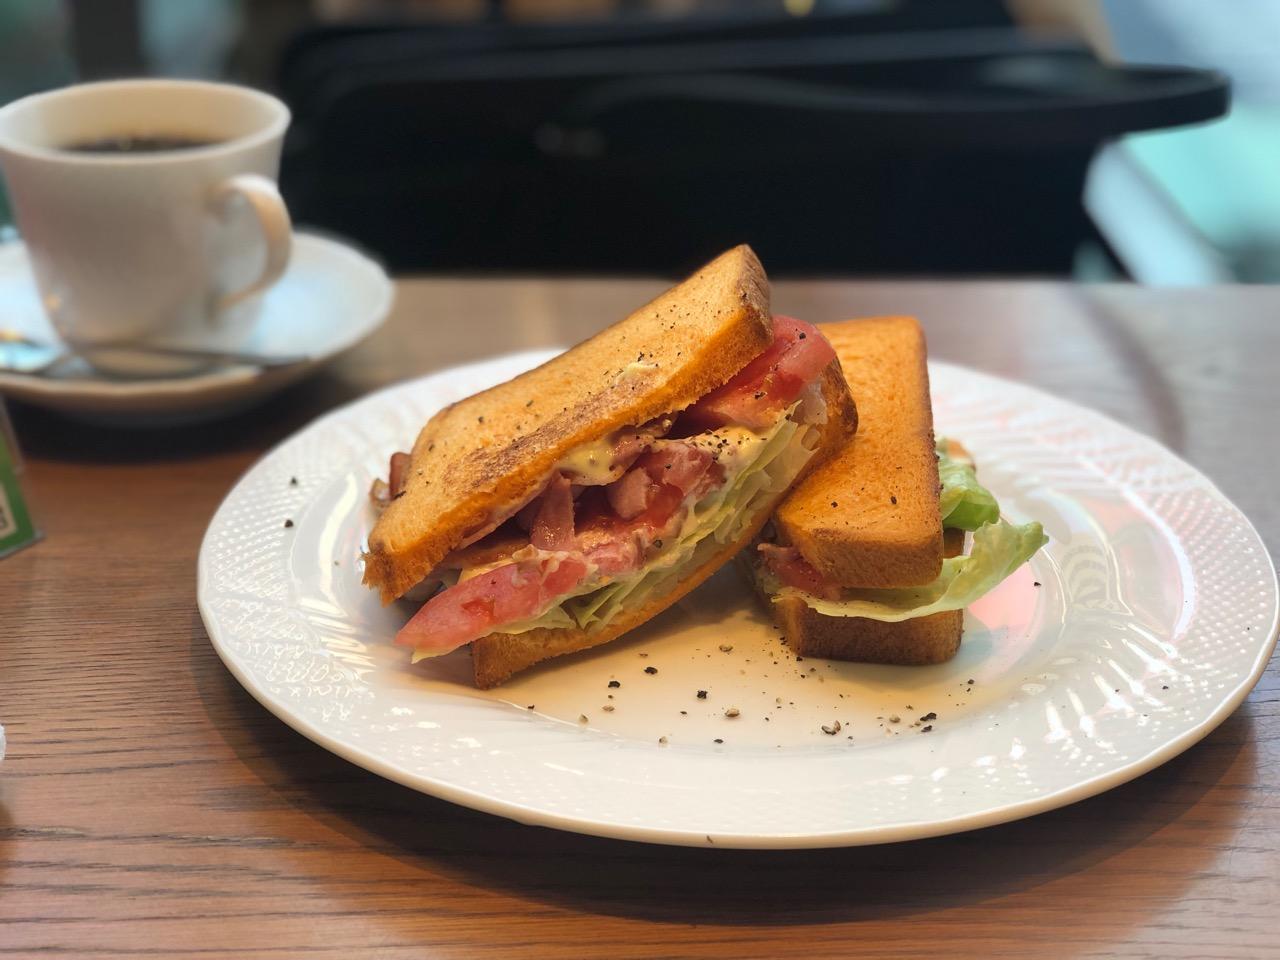 名駅|名古屋なのに表参道?駅近が便利でゆったりと美味しい時間を過ごせる喫茶店